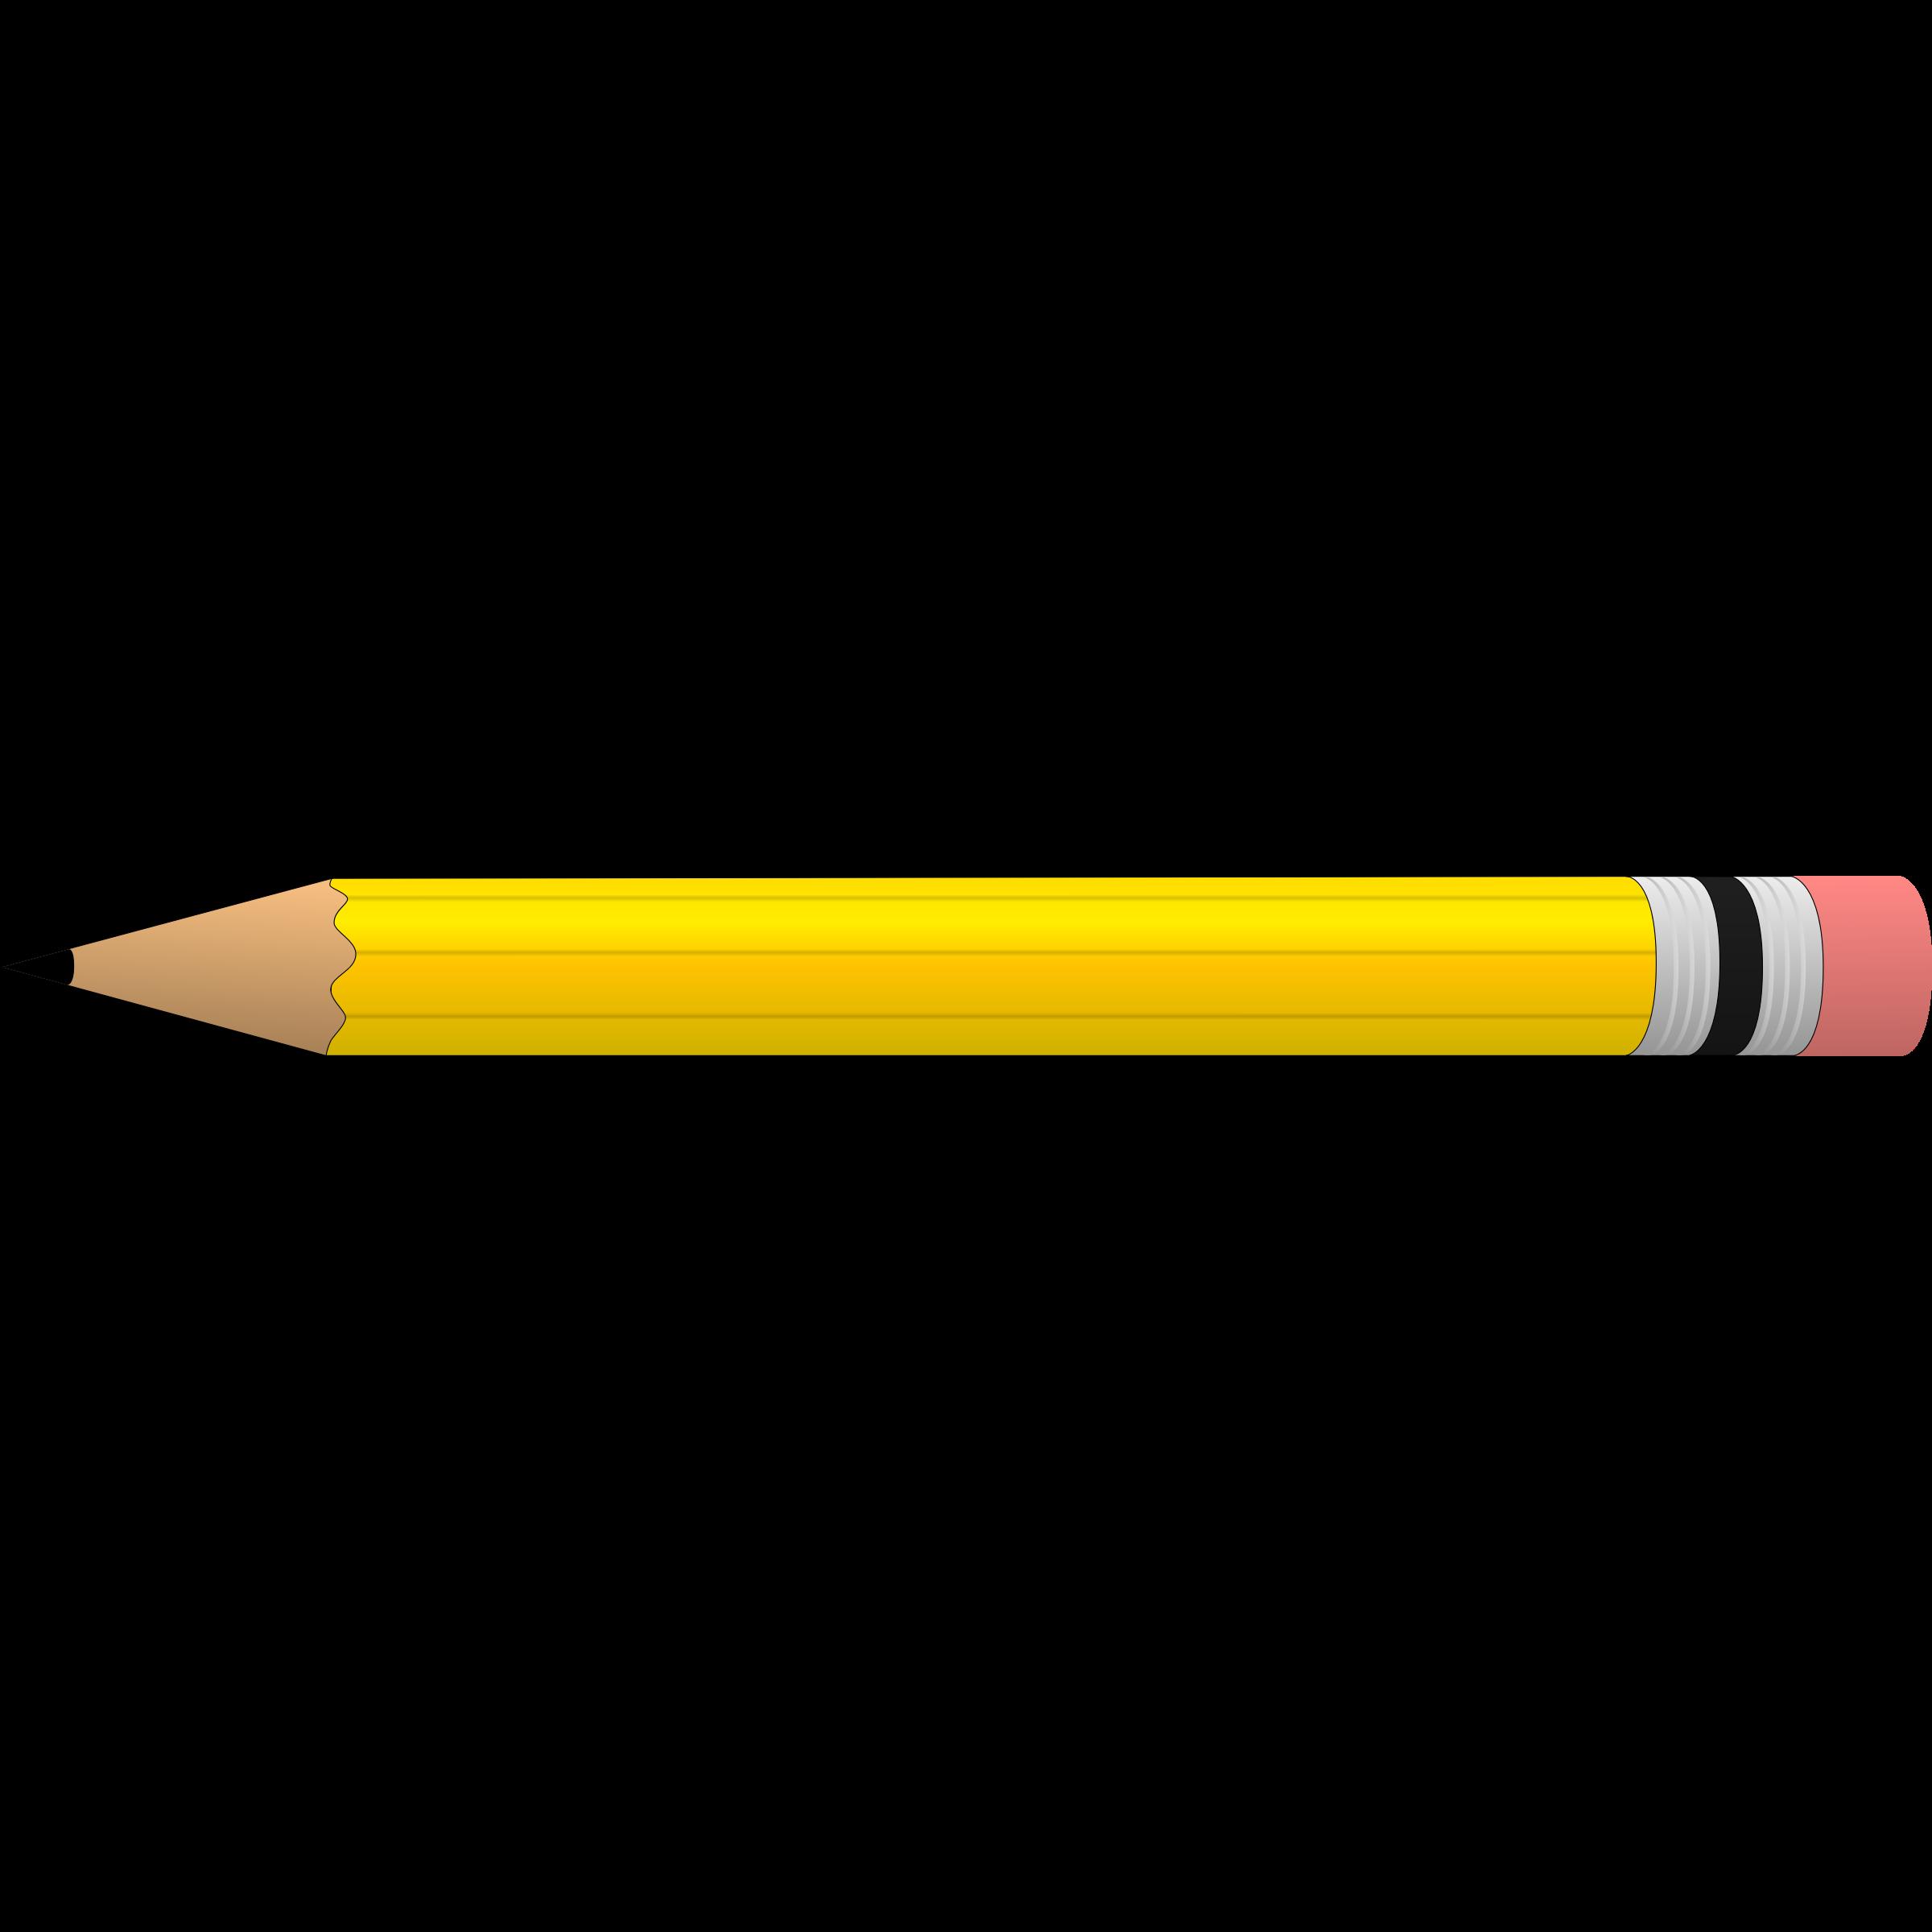 Pencil HD PNG - 120152